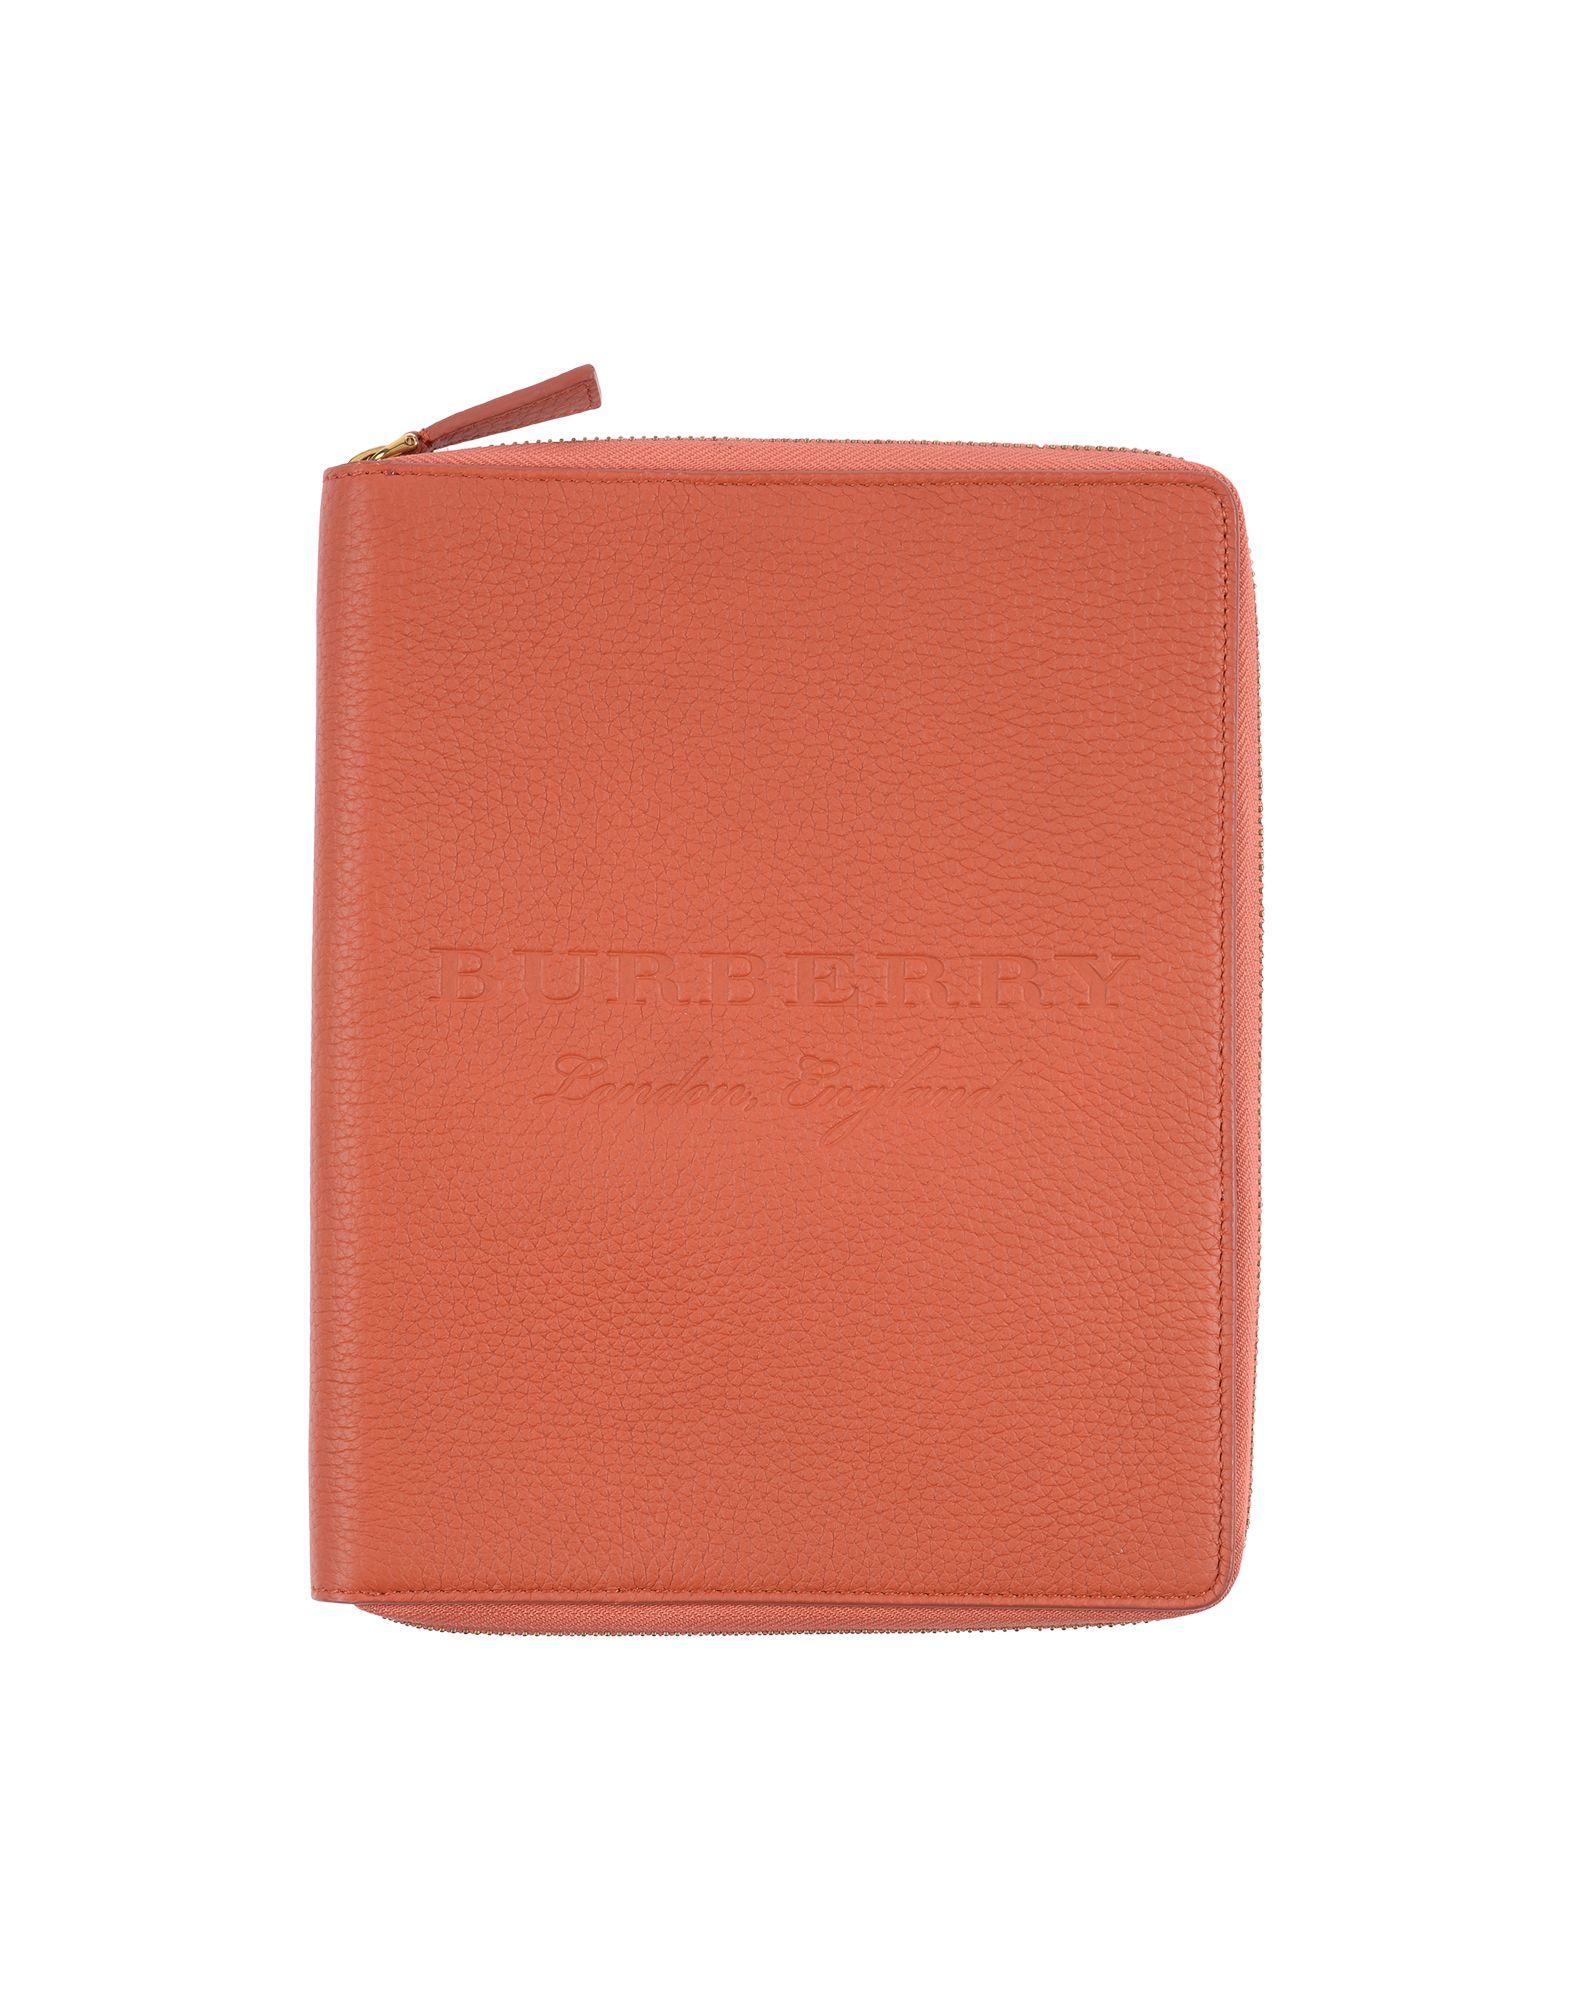 YOOX.COM(ユークス)《期間限定セール中》BURBERRY レディース 手帳カバー オレンジ 牛革(カーフ)